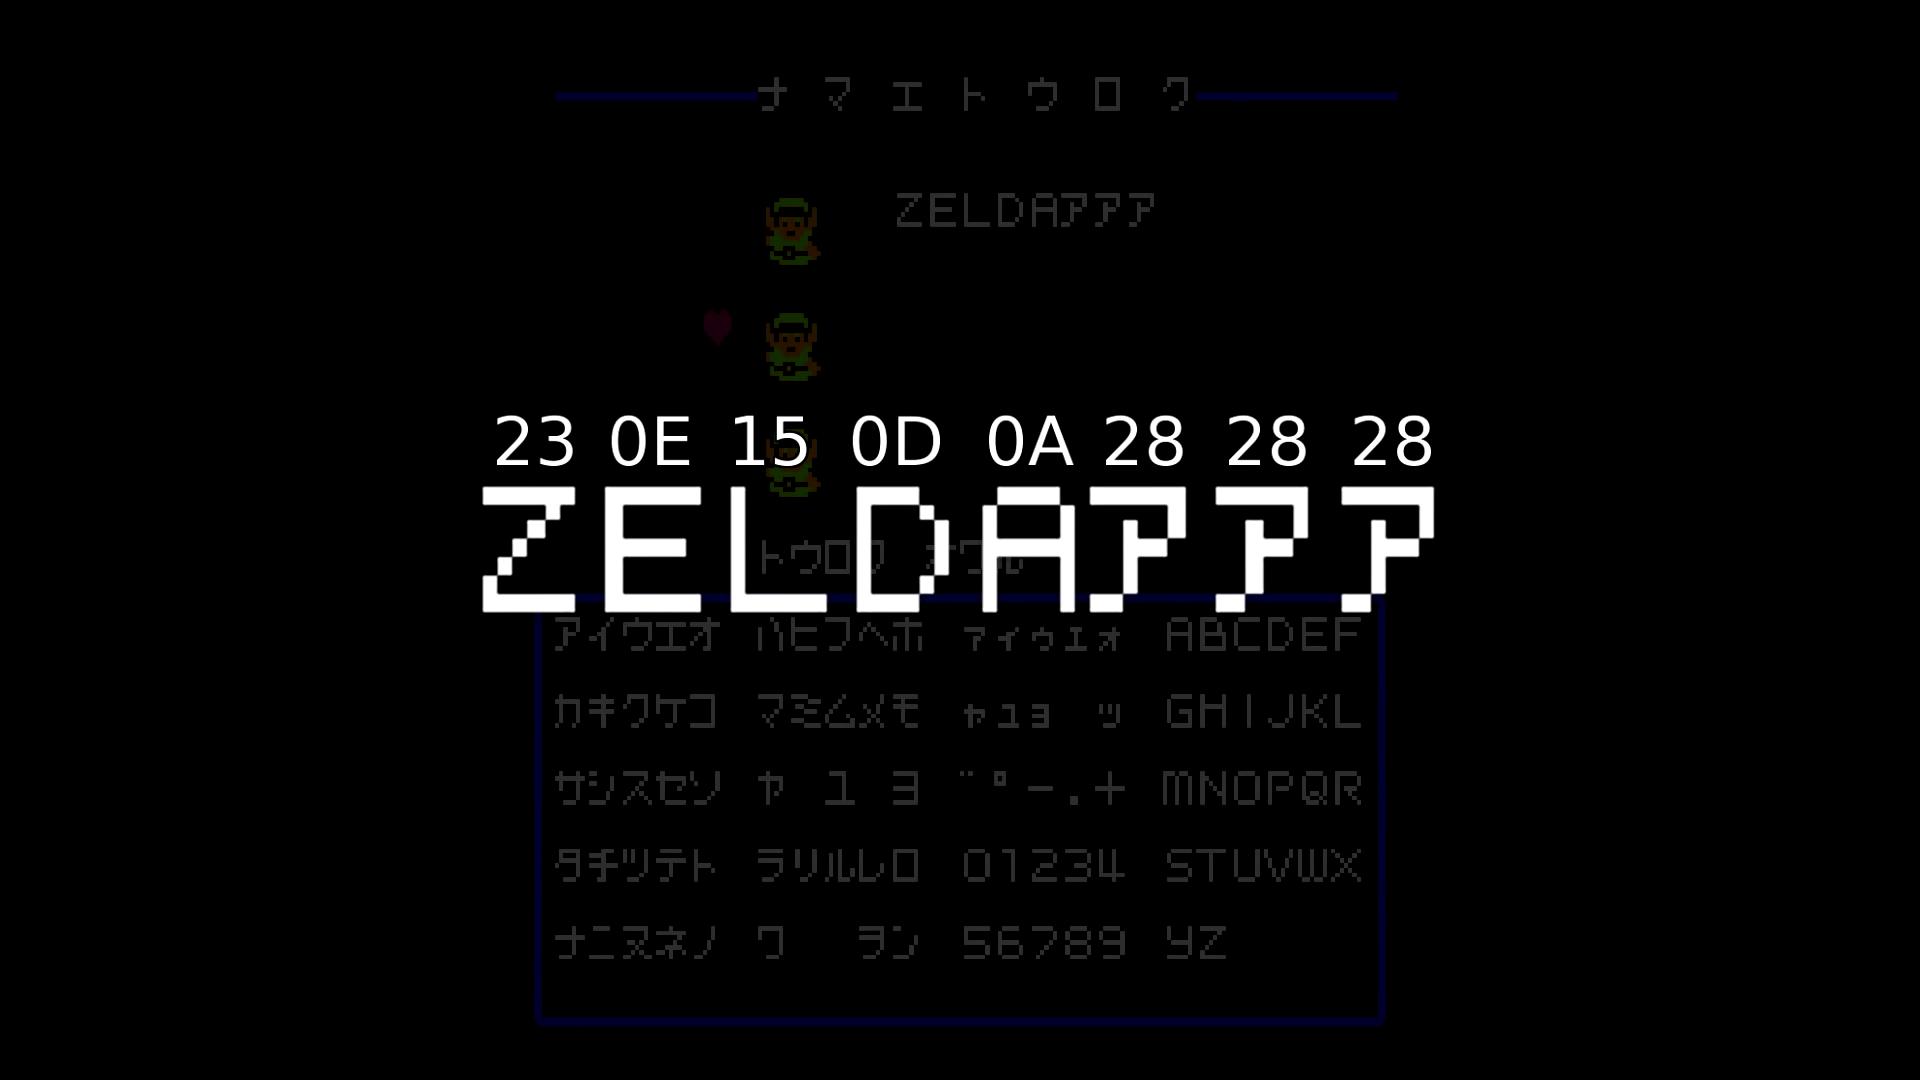 Спидран Legend of Zelda путём манипуляций памятью игры - 3